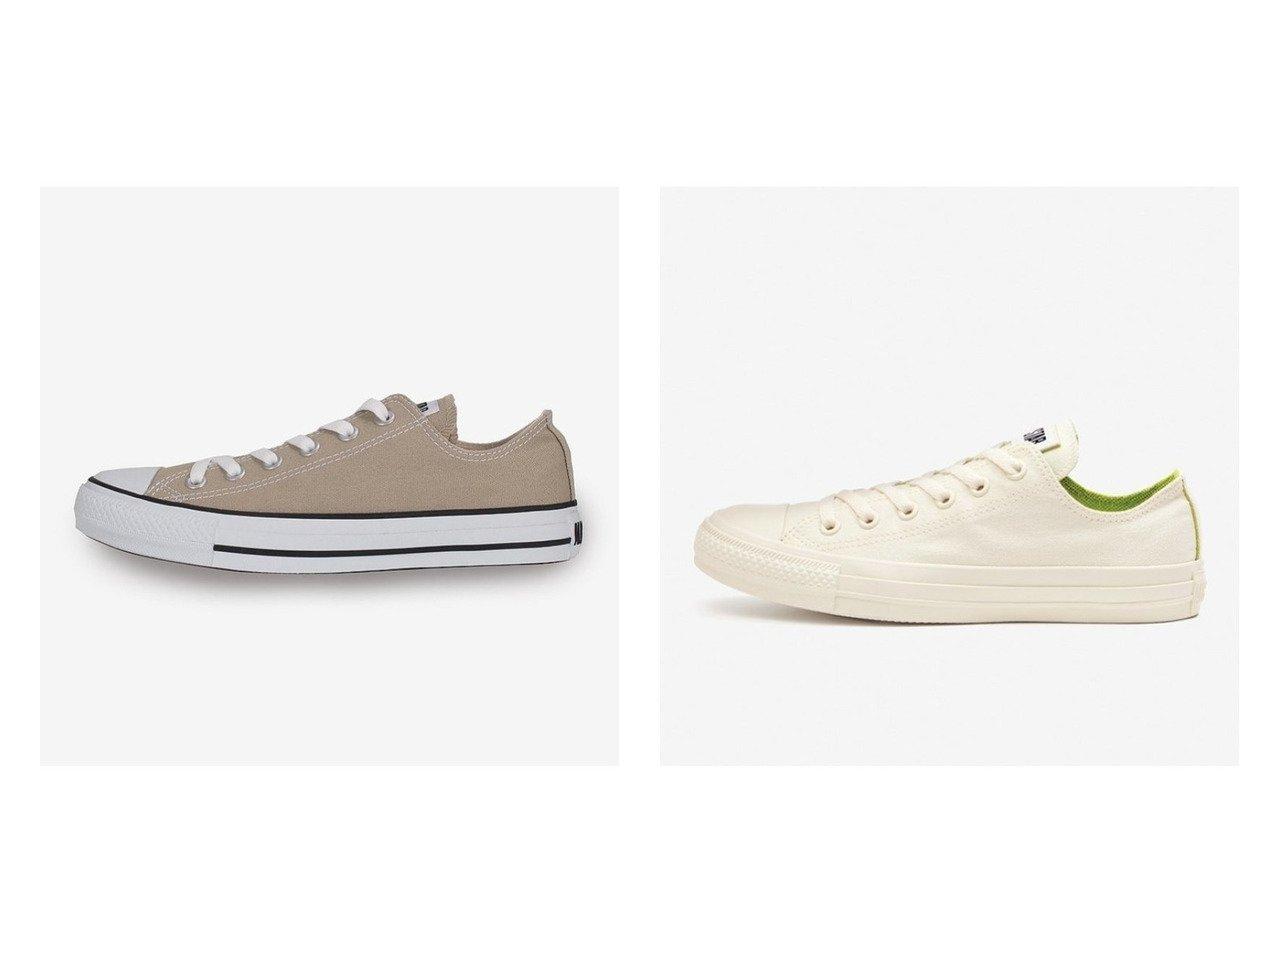 【CONVERSE/コンバース】のCANVAS ALL STAR COLORS OX&オールスター コスモインホワイト OX 【シューズ・靴】おすすめ!人気、トレンド・レディースファッションの通販 おすすめで人気の流行・トレンド、ファッションの通販商品 メンズファッション・キッズファッション・インテリア・家具・レディースファッション・服の通販 founy(ファニー) https://founy.com/ ファッション Fashion レディースファッション WOMEN キャンバス シューズ スニーカー スリッポン ベーシック ラバー インソール シンプル パープル ビビッド ライニング 再入荷 Restock/Back in Stock/Re Arrival |ID:crp329100000035488